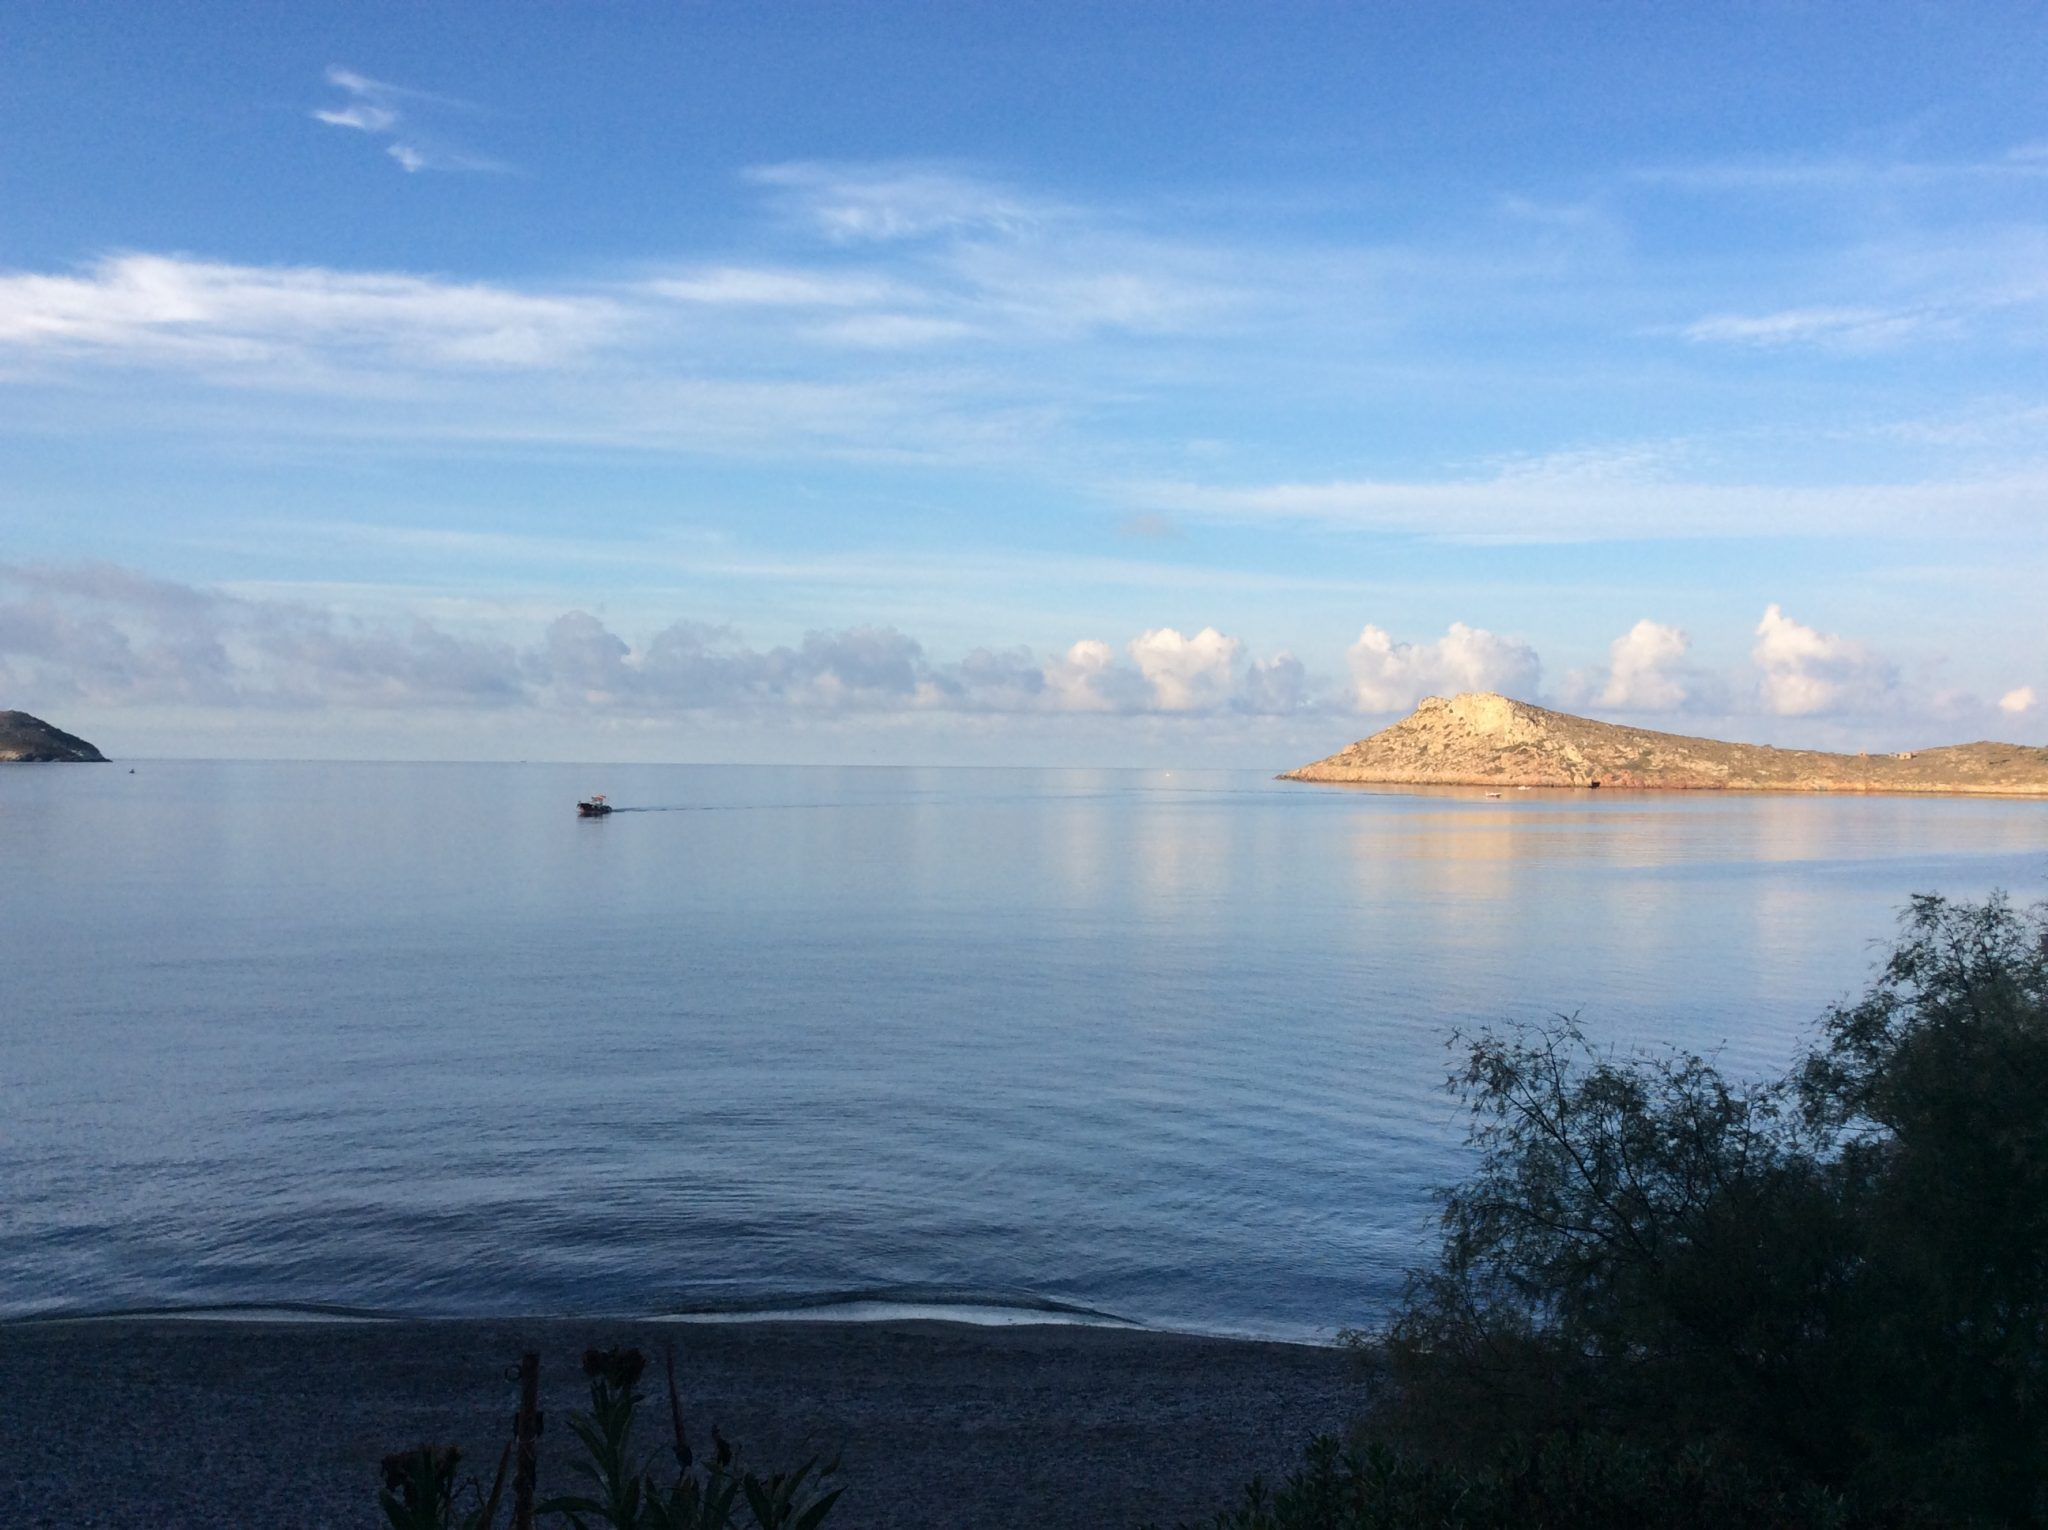 Ακρογιάλι Διαμερίσματα, Μυρτιές, Κάλυμνος - Θέα από τα Διαμερίσματα